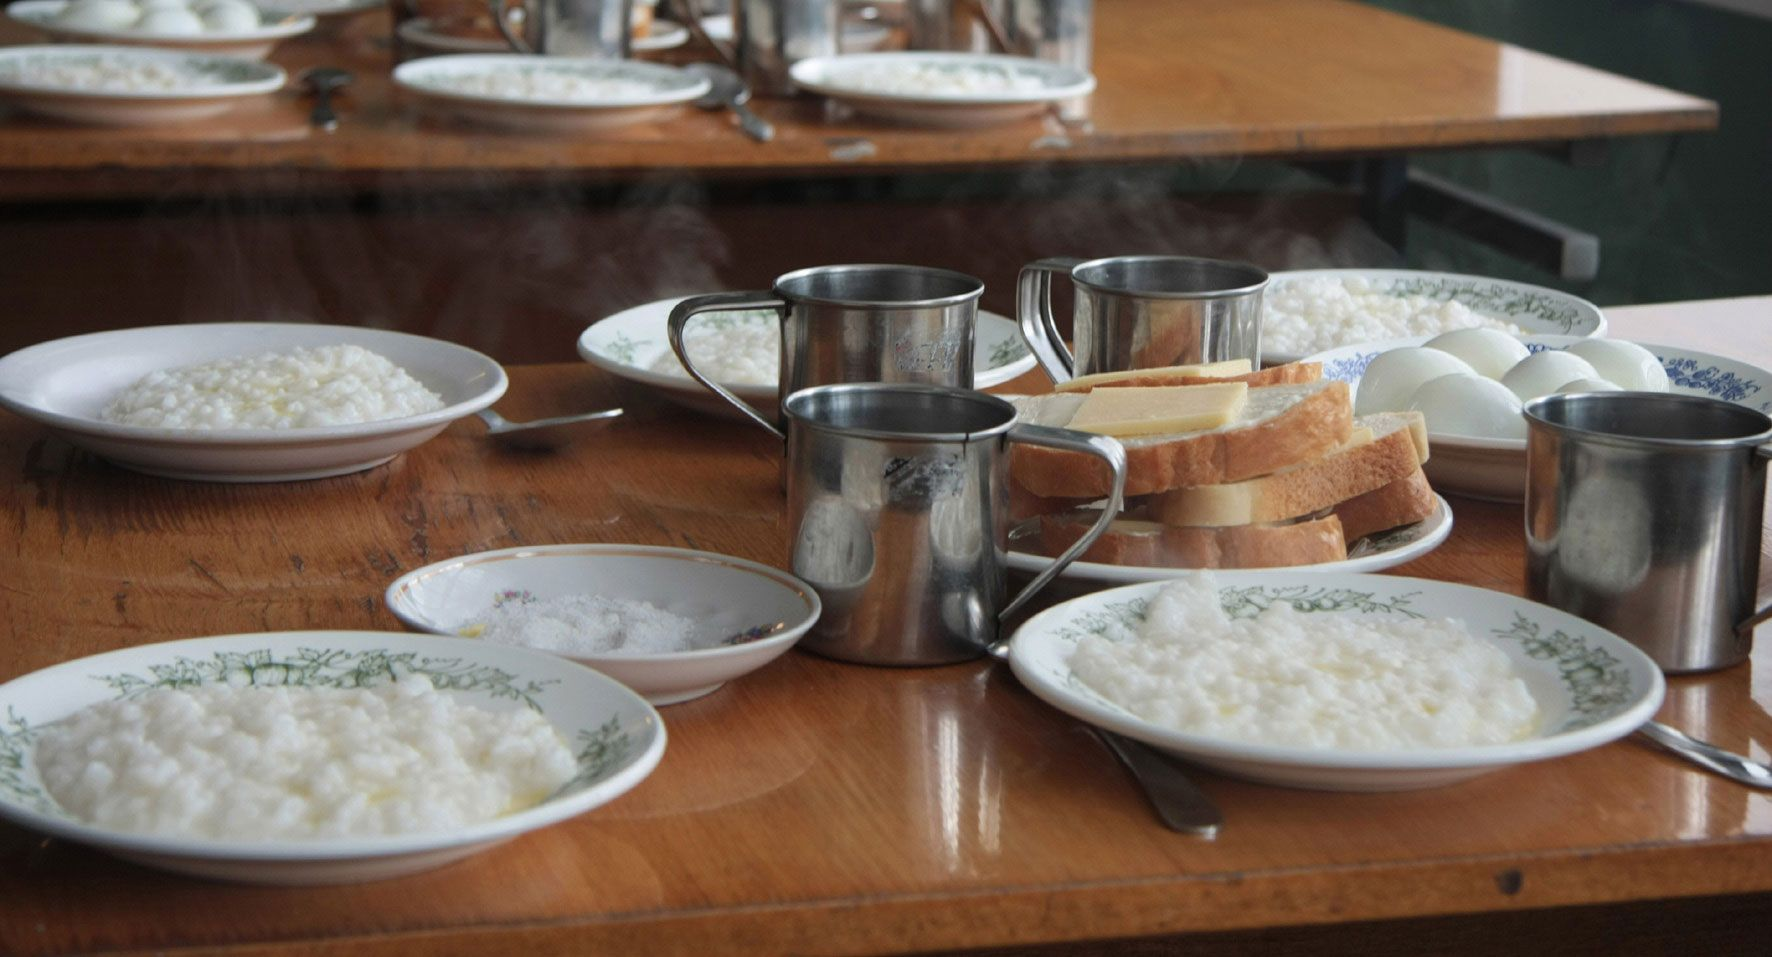 Os russos gostam de comer arroz, mas nem sempre na forma como se costuma consumi-lo no Brasil.